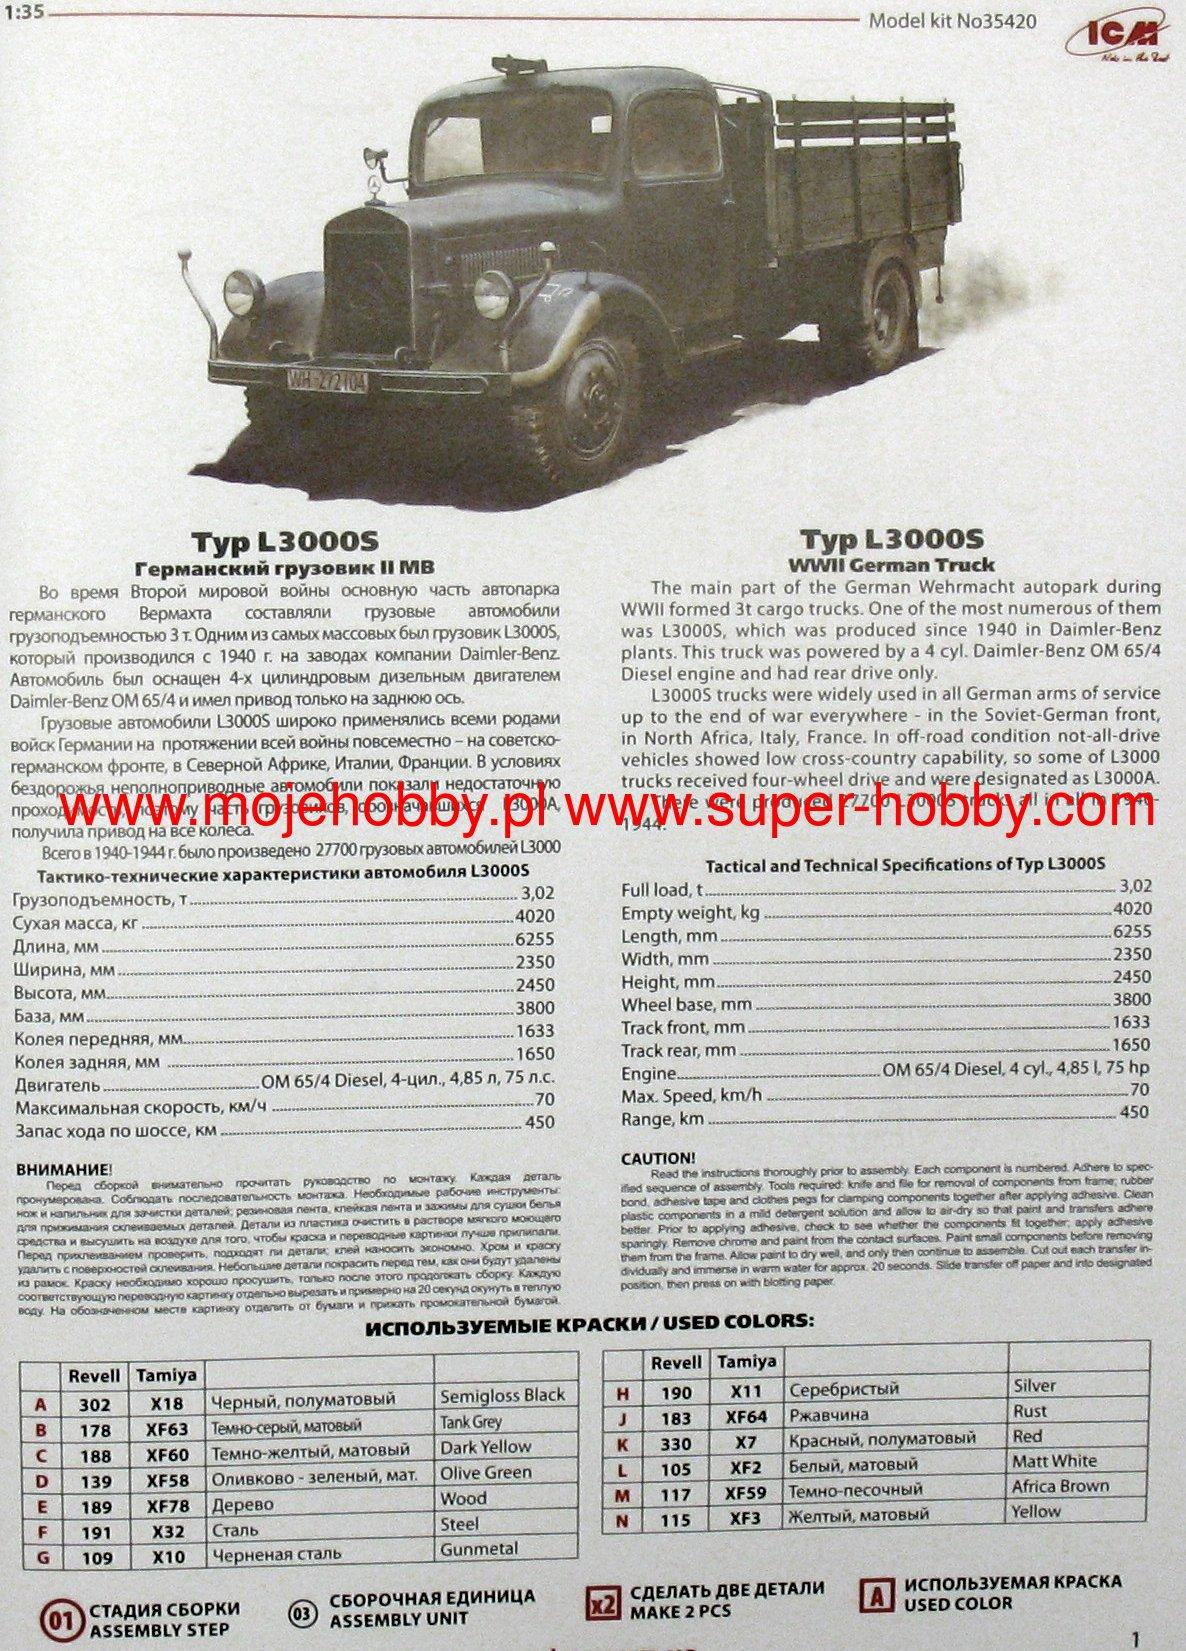 Typ L3000S German truck